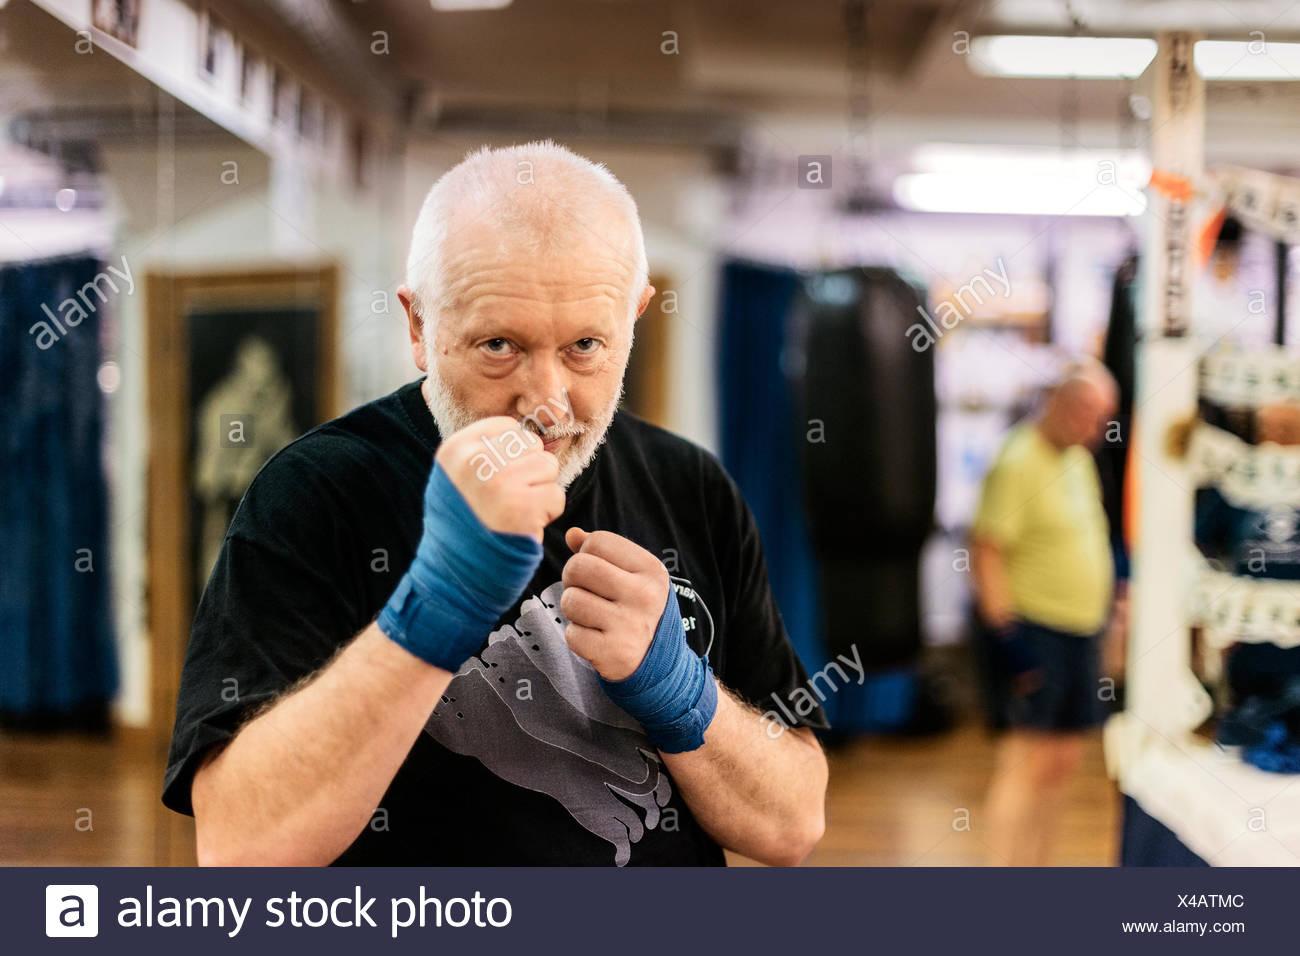 Man avec ses poings soulevées lors de l'entraînement Photo Stock